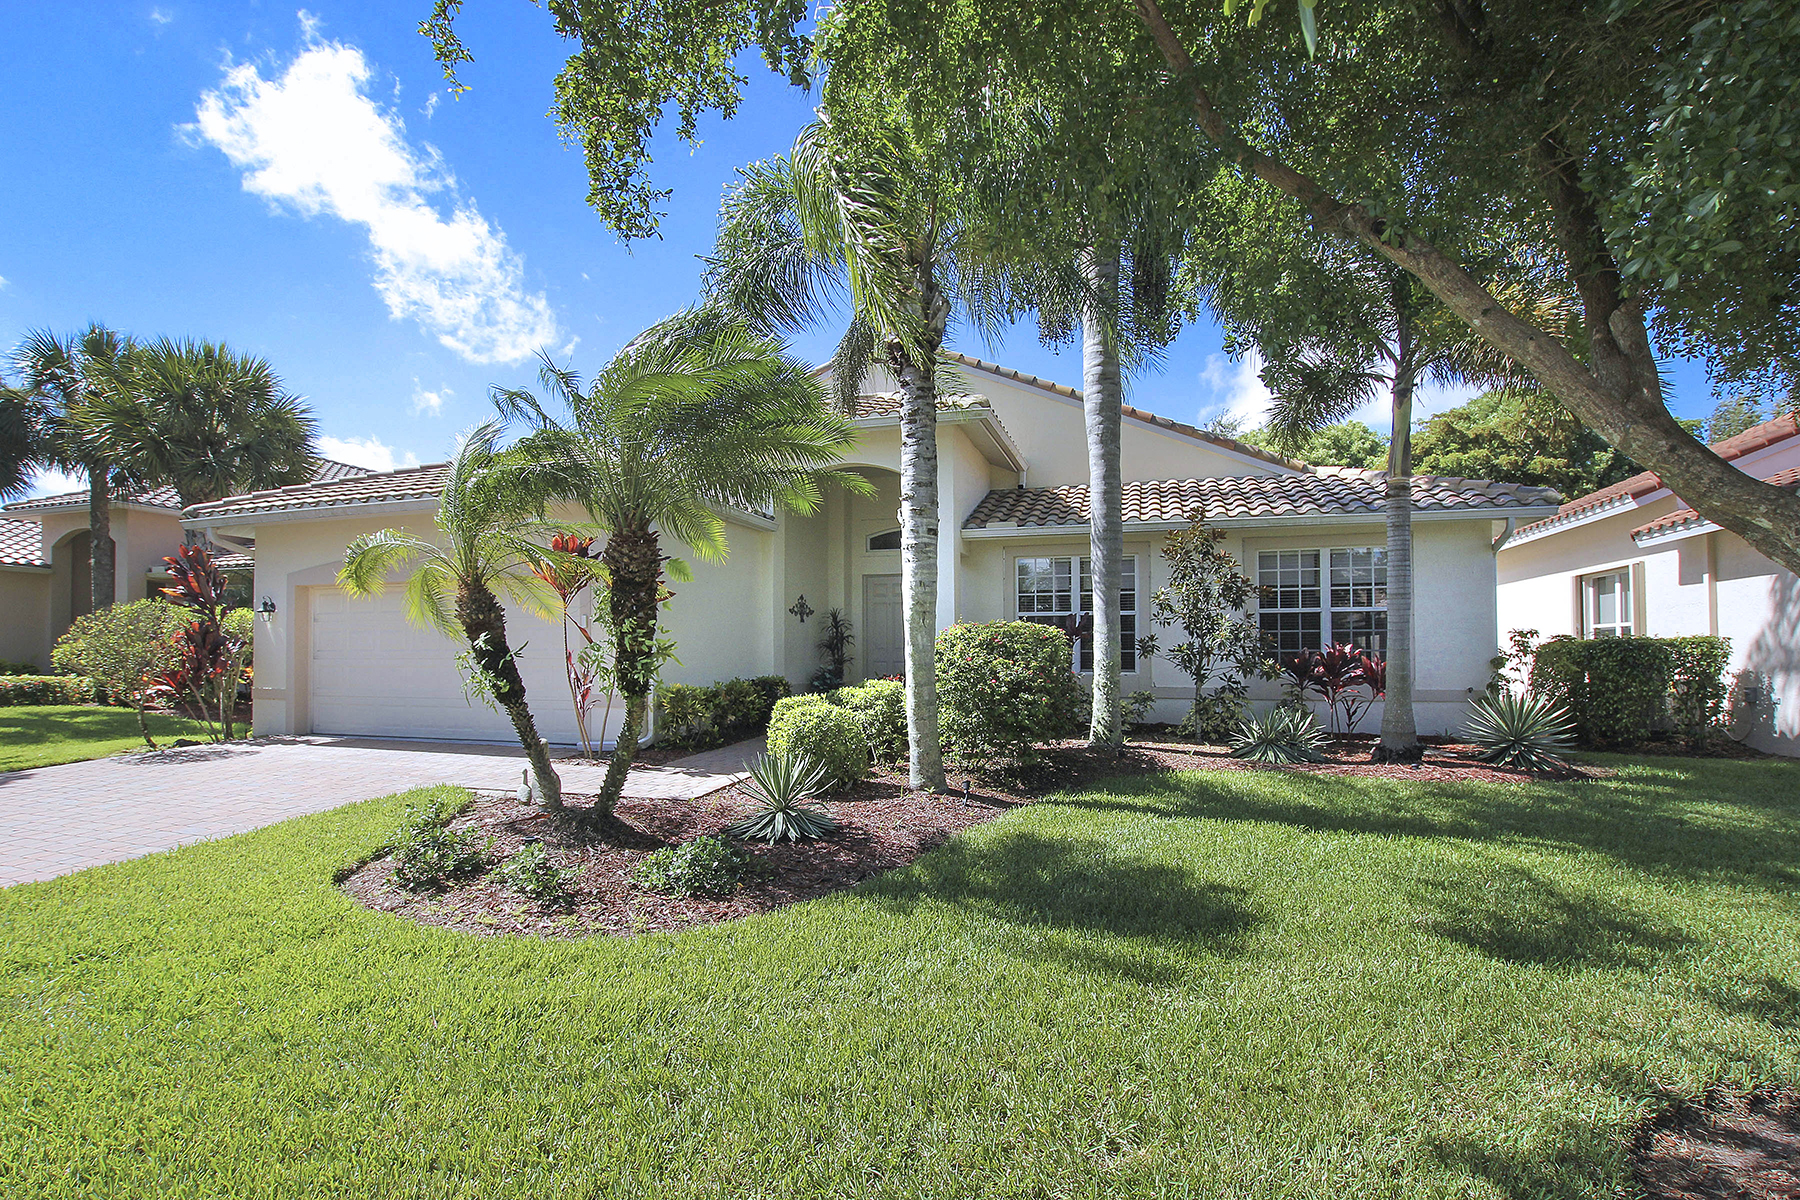 Casa para uma família para Venda às 20438 Foxworth Cir , Estero, FL 33928 20438 Foxworth Cir Estero, Florida, 33928 Estados Unidos